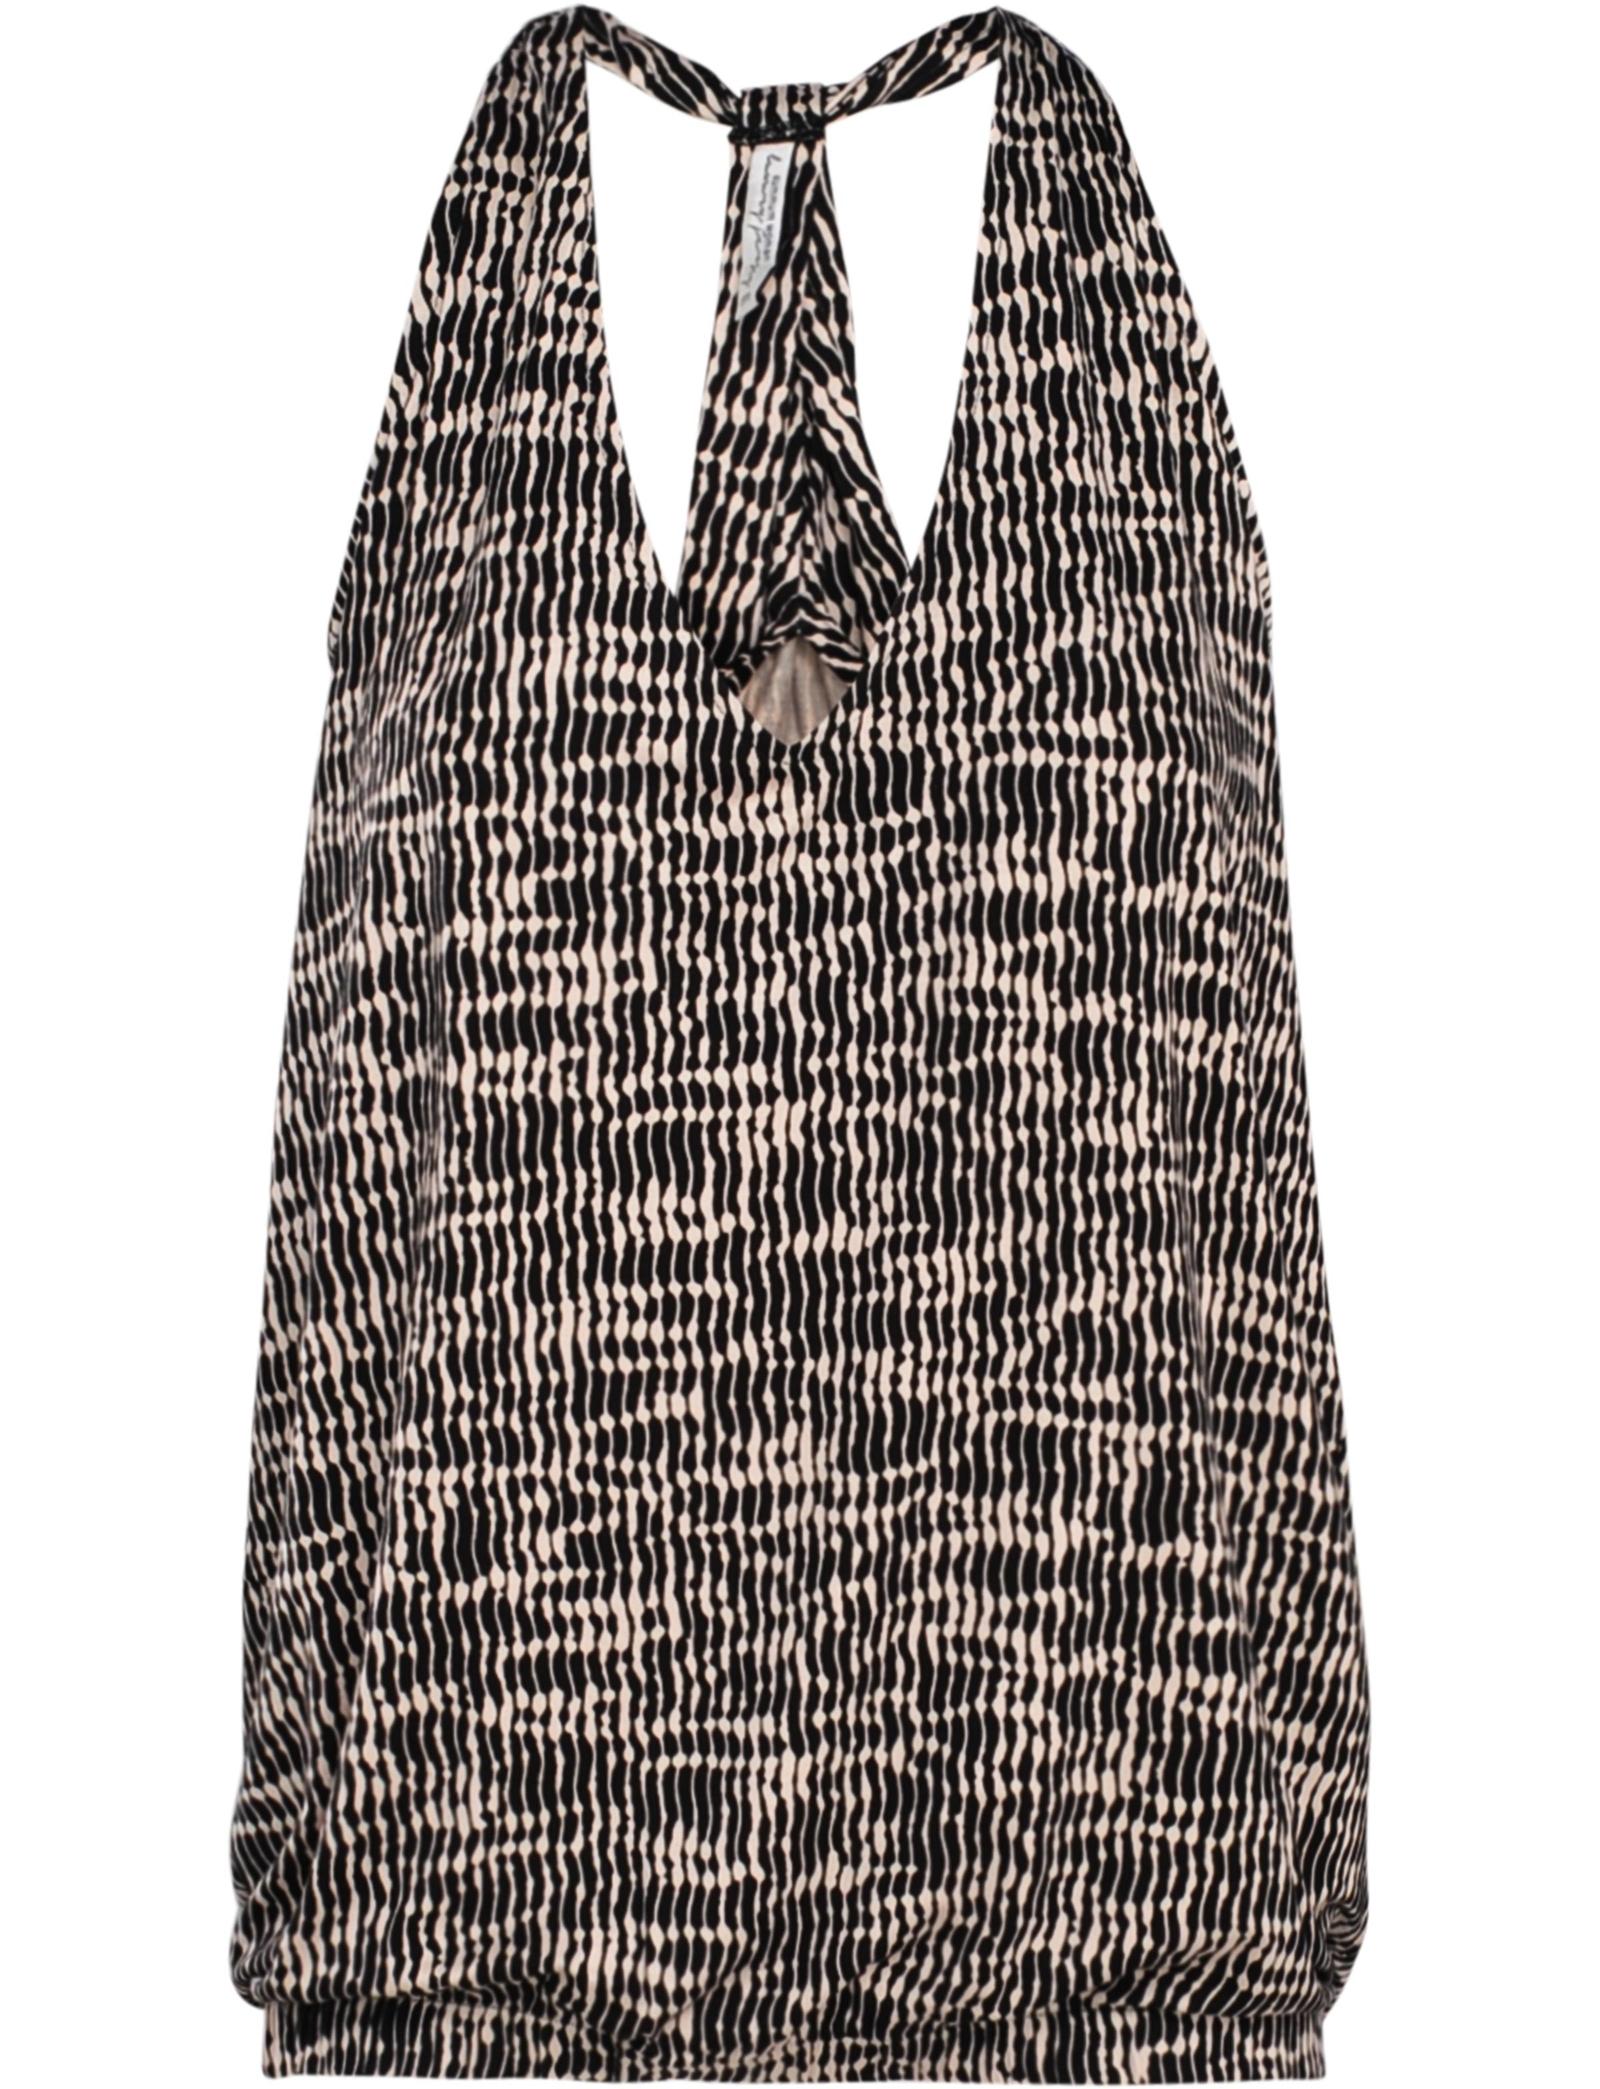 Zwarte dames top met print Summum - 3s4289-30061